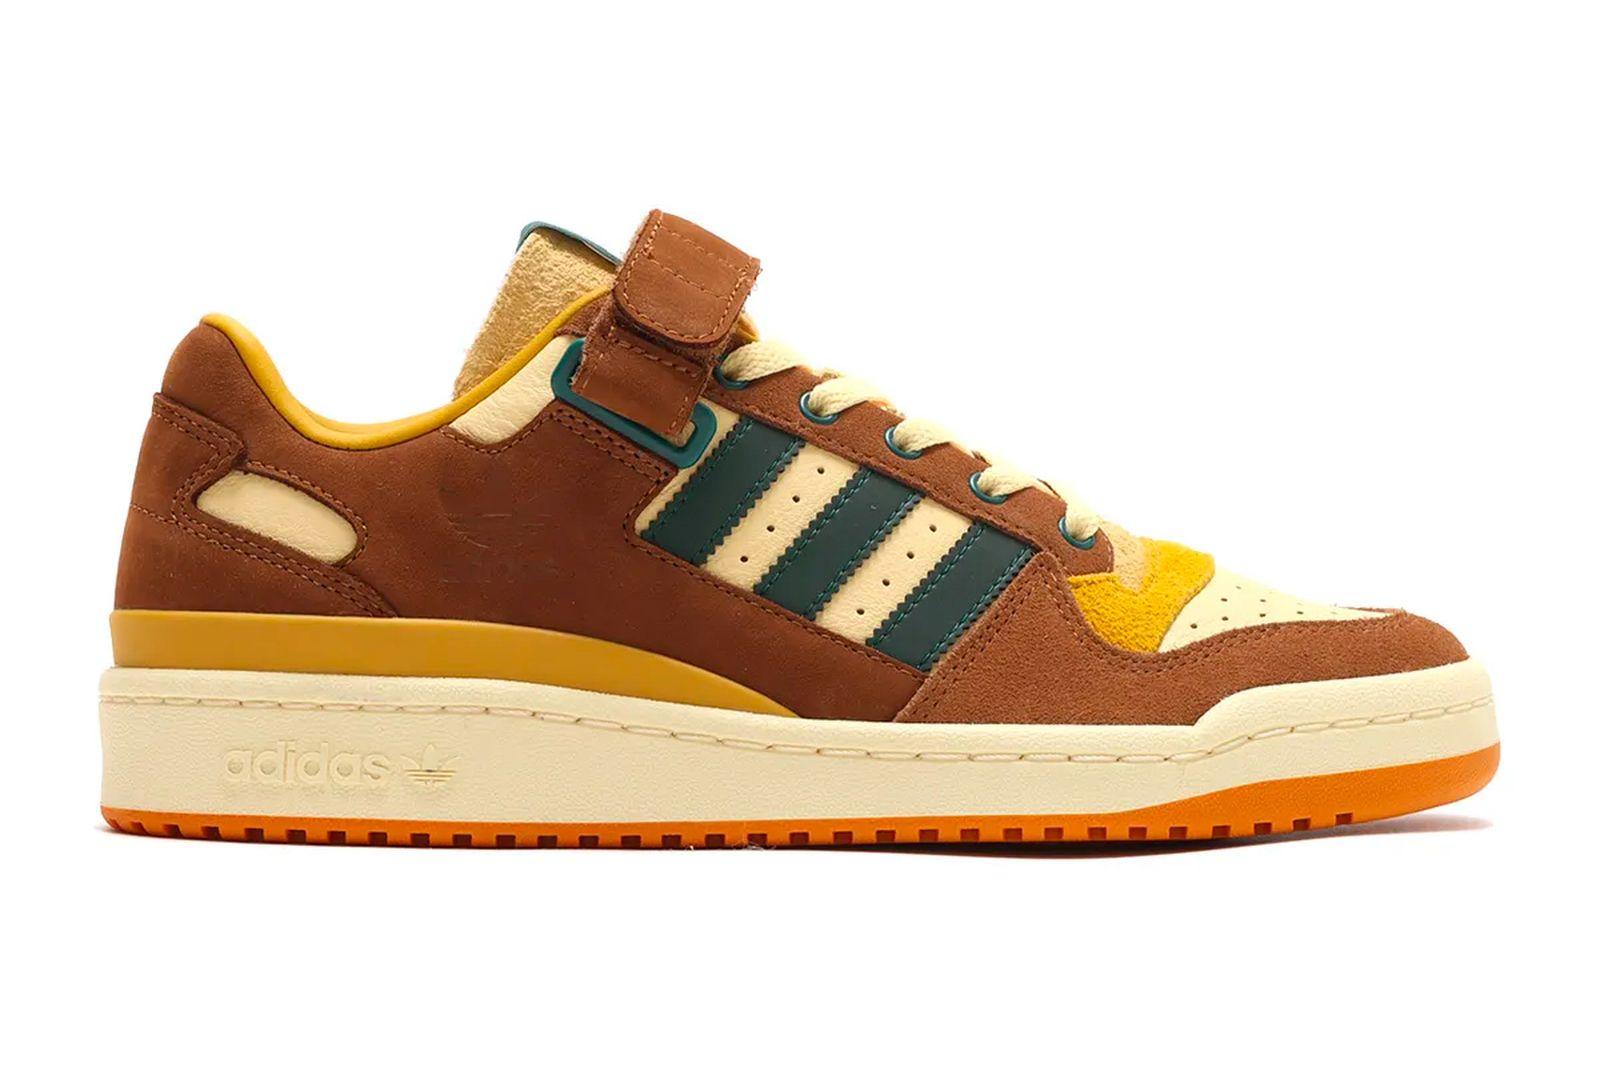 adidas-originals-atmos-yoyogi-park-pack-02